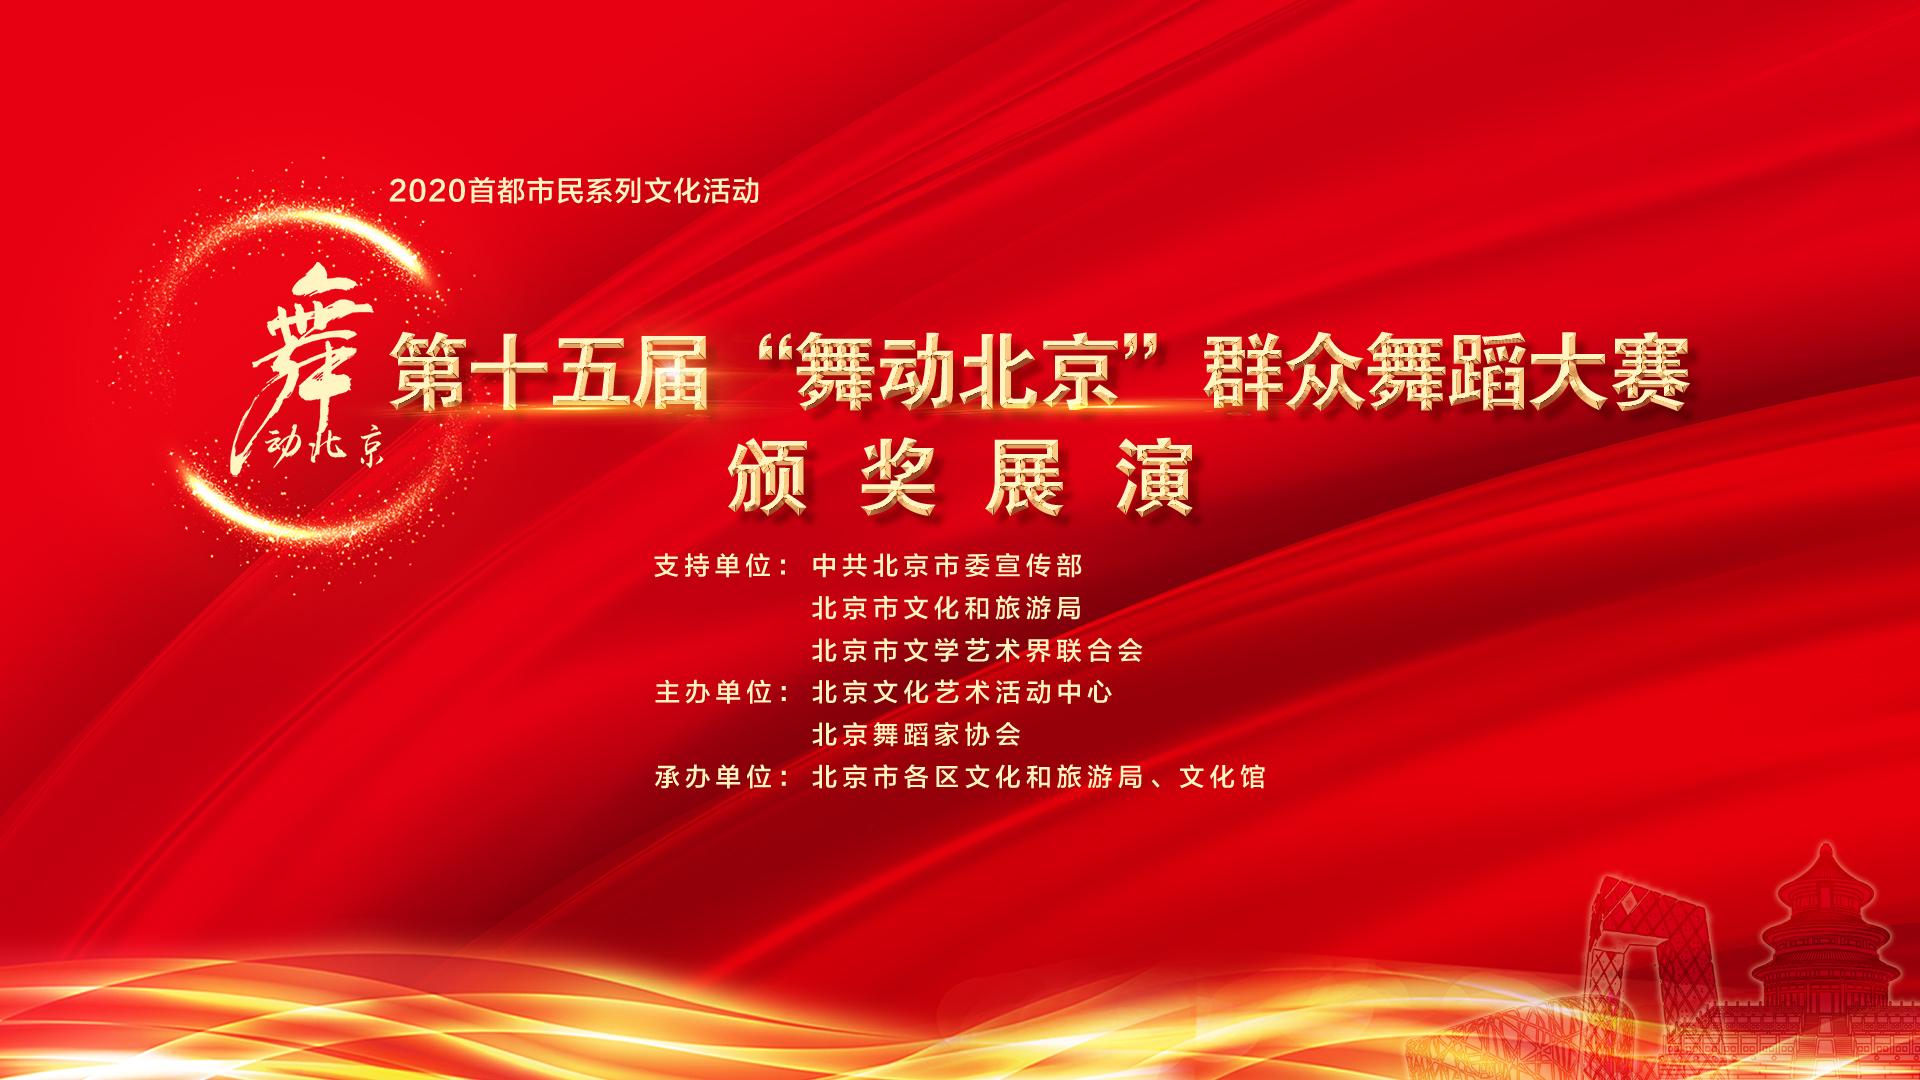 """2020首都市民系列文化活動 第十五届""""舞动北京""""群众舞蹈大赛颁奖展演"""